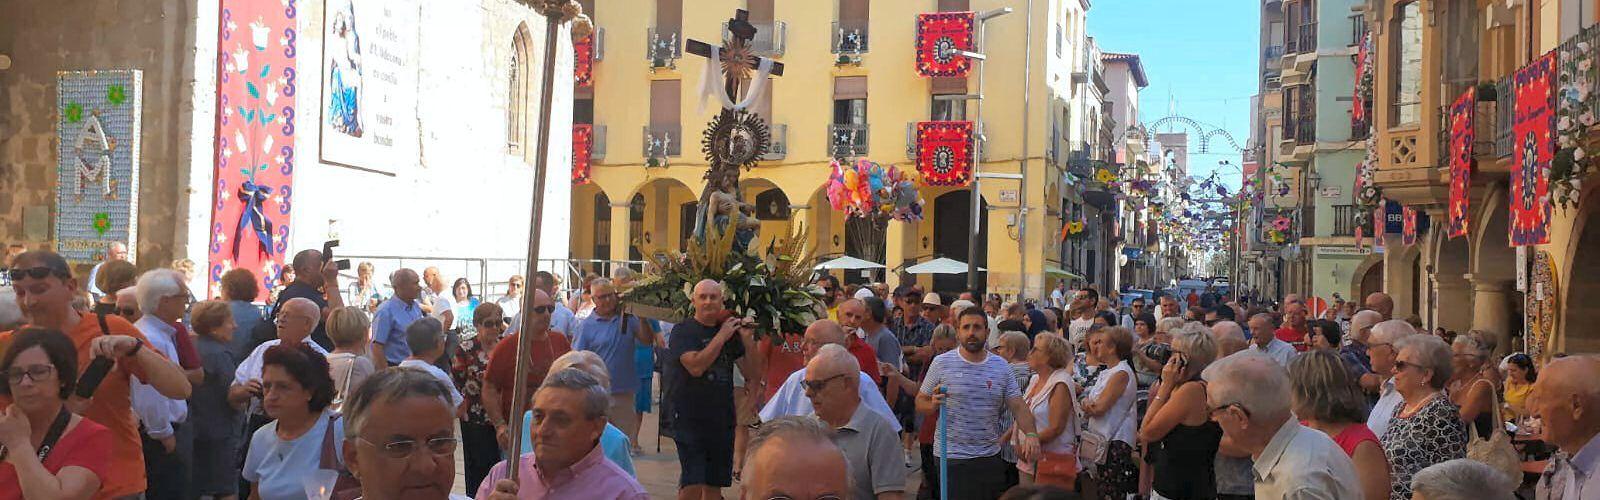 La Pietat d'Ulldecona marxa de visita als barris